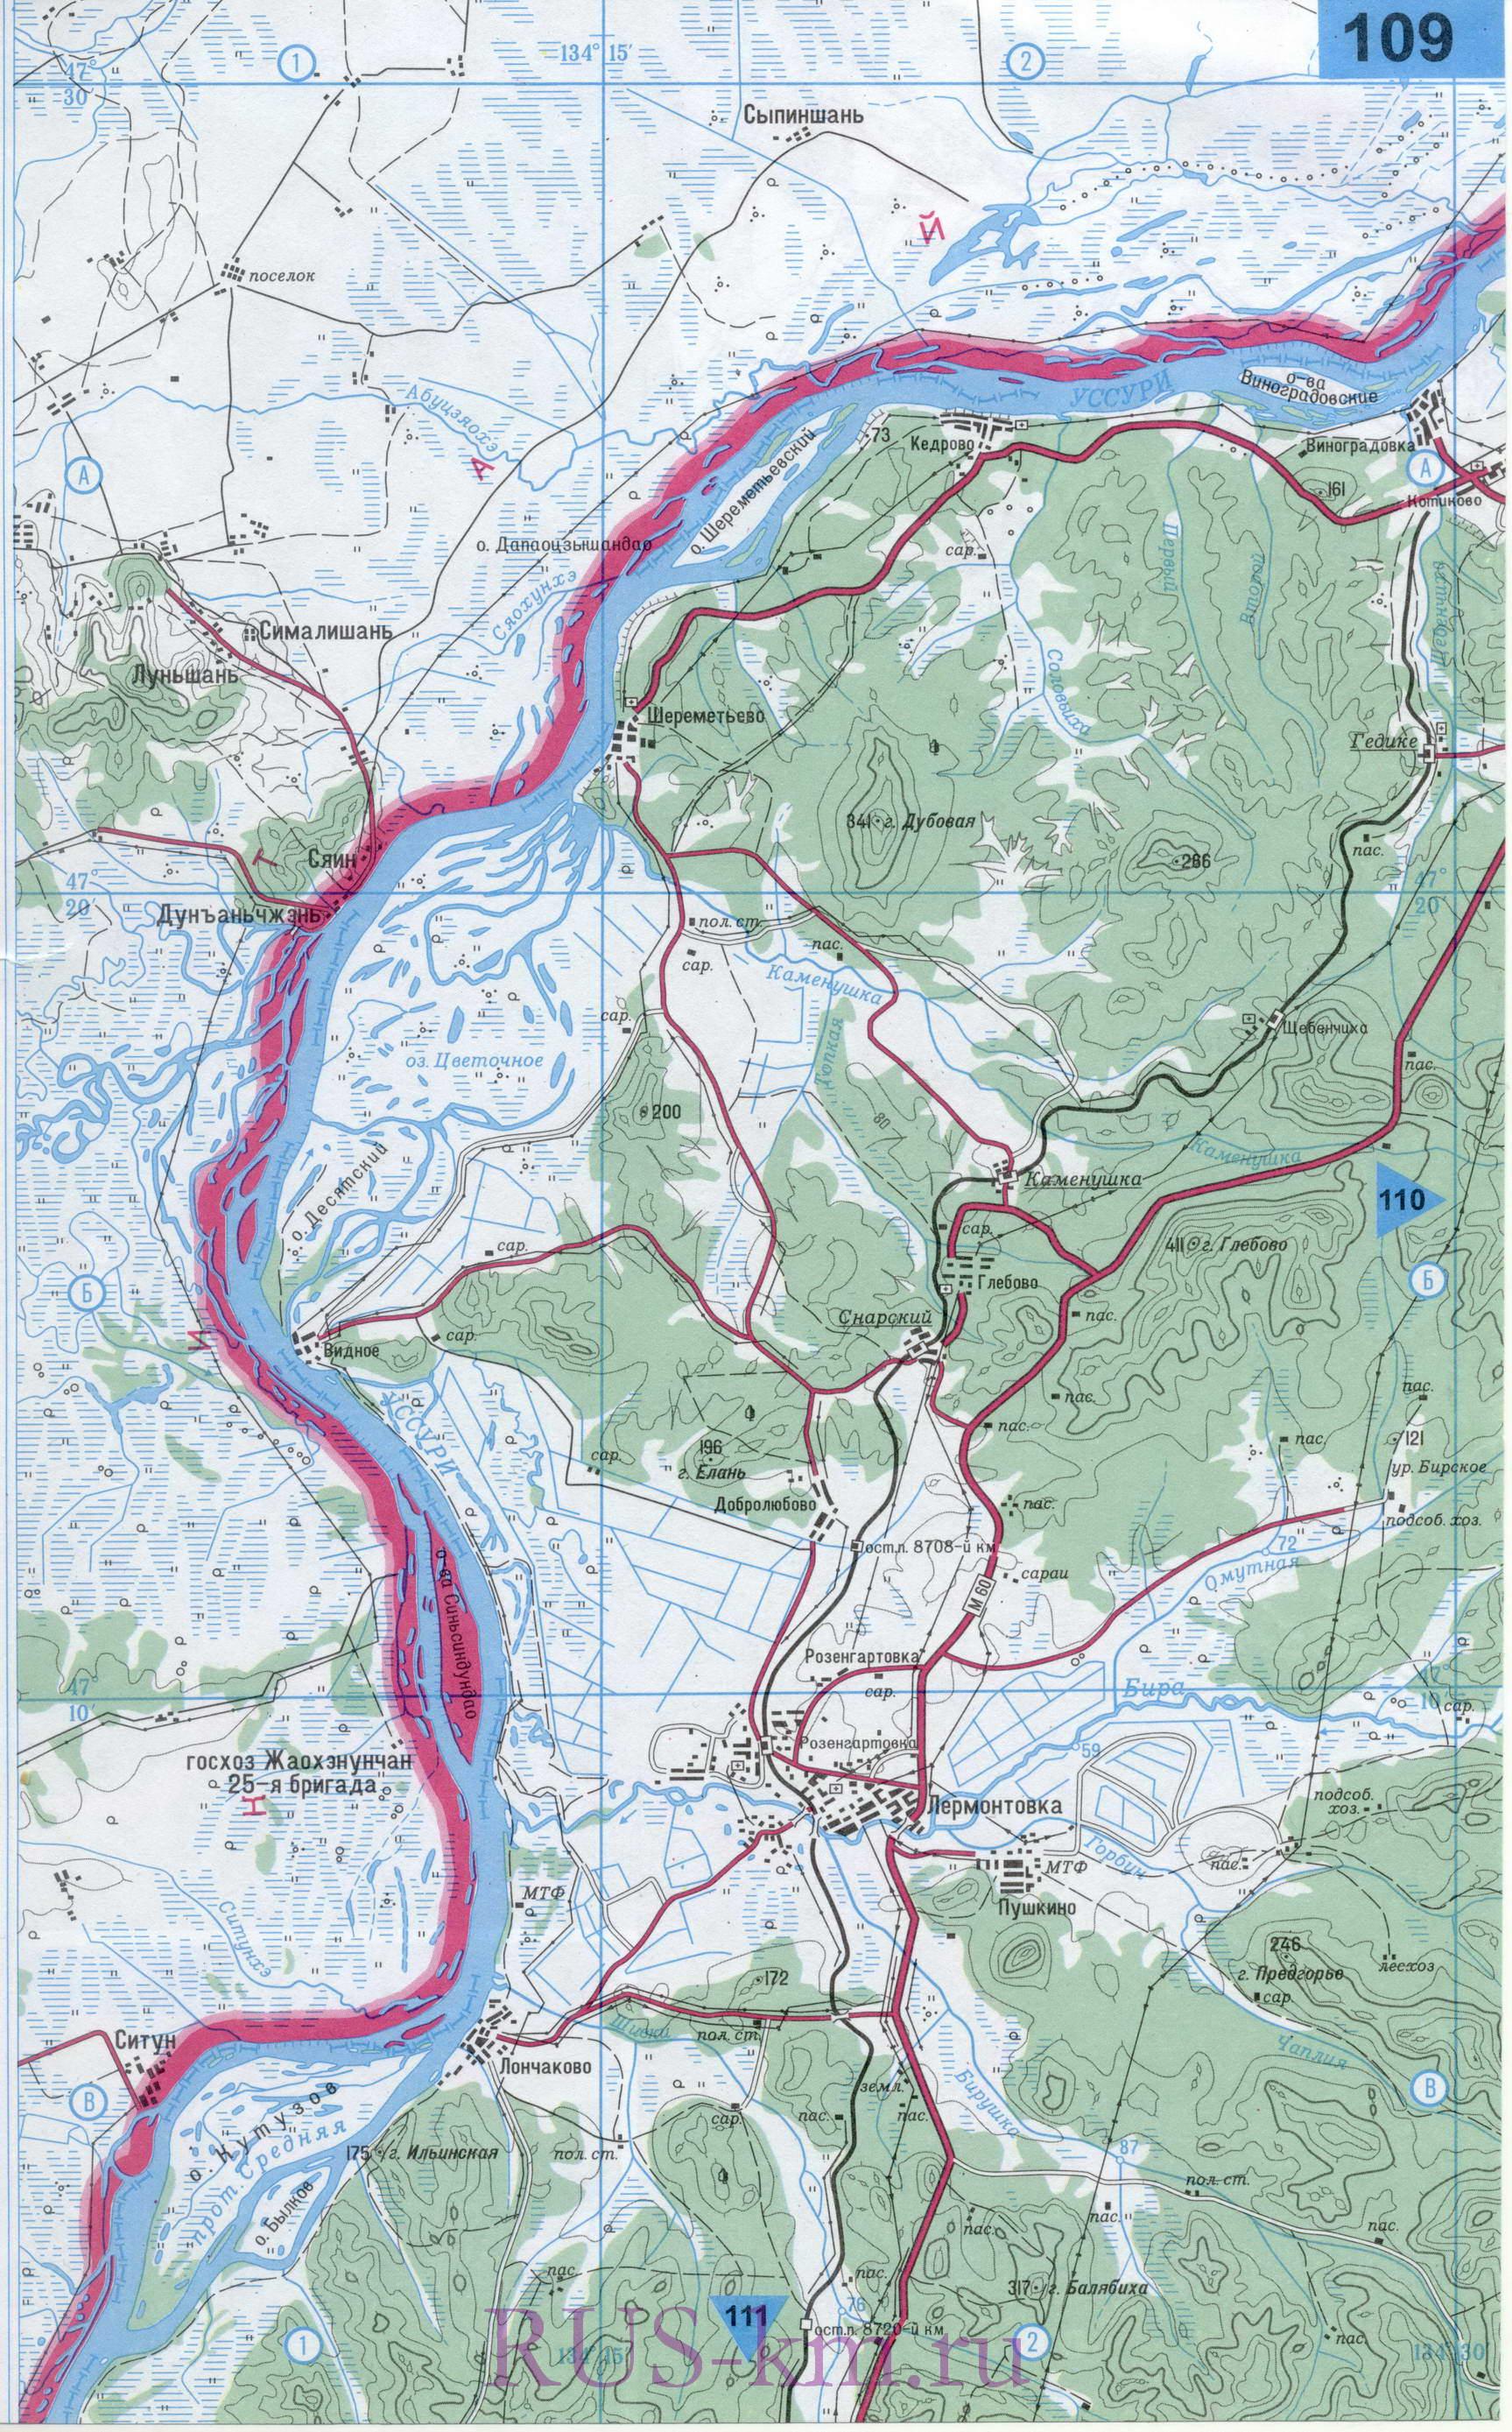 Хабаровский муниципальный район находится на юго-западе хабаровского края и состоит из двух разъединенных частей